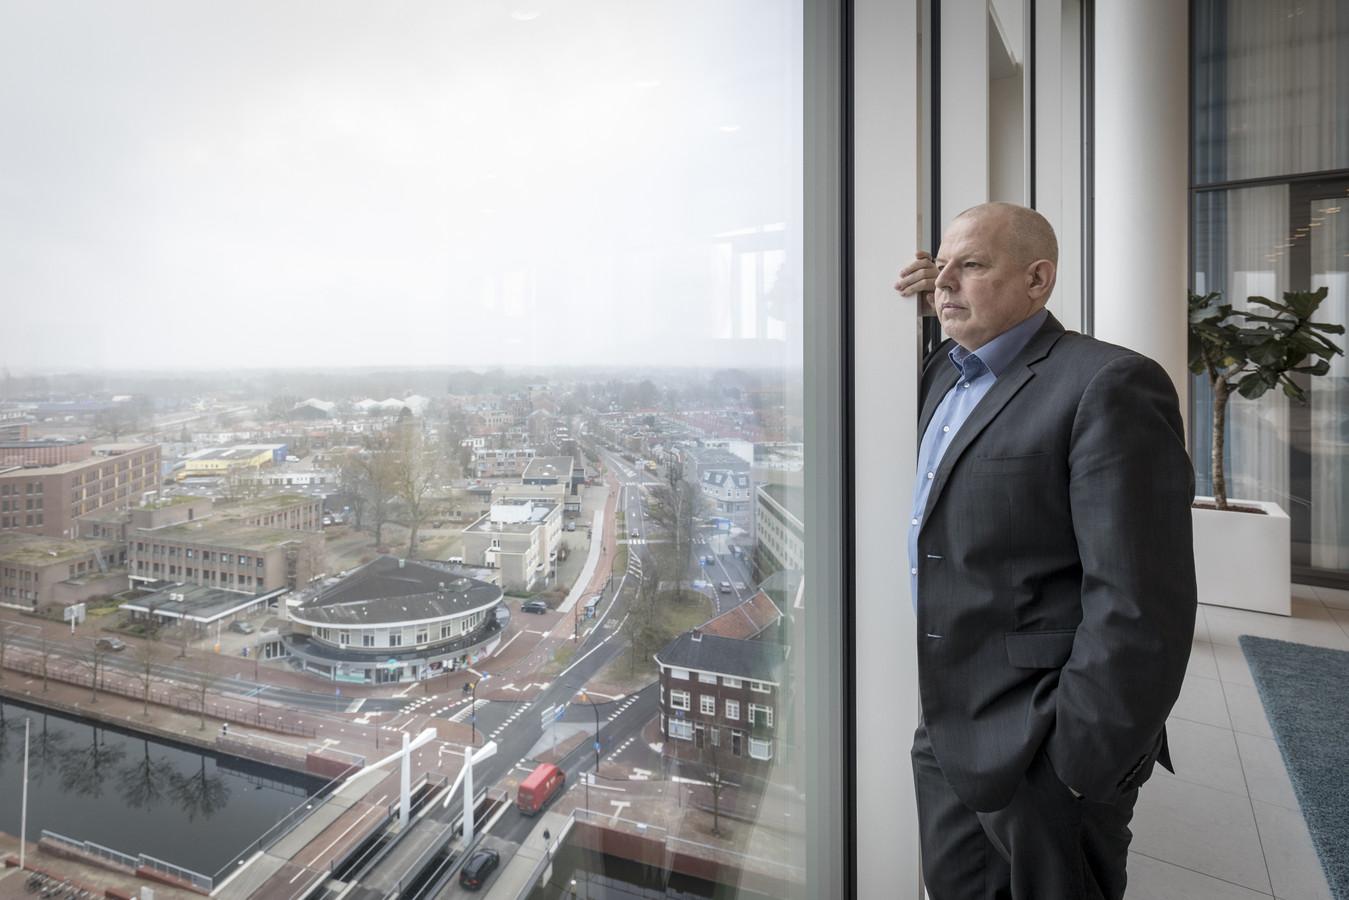 Wethouder Alex langius maakt zich zorgen over de kosten van de coronacrisis voor Almelo.